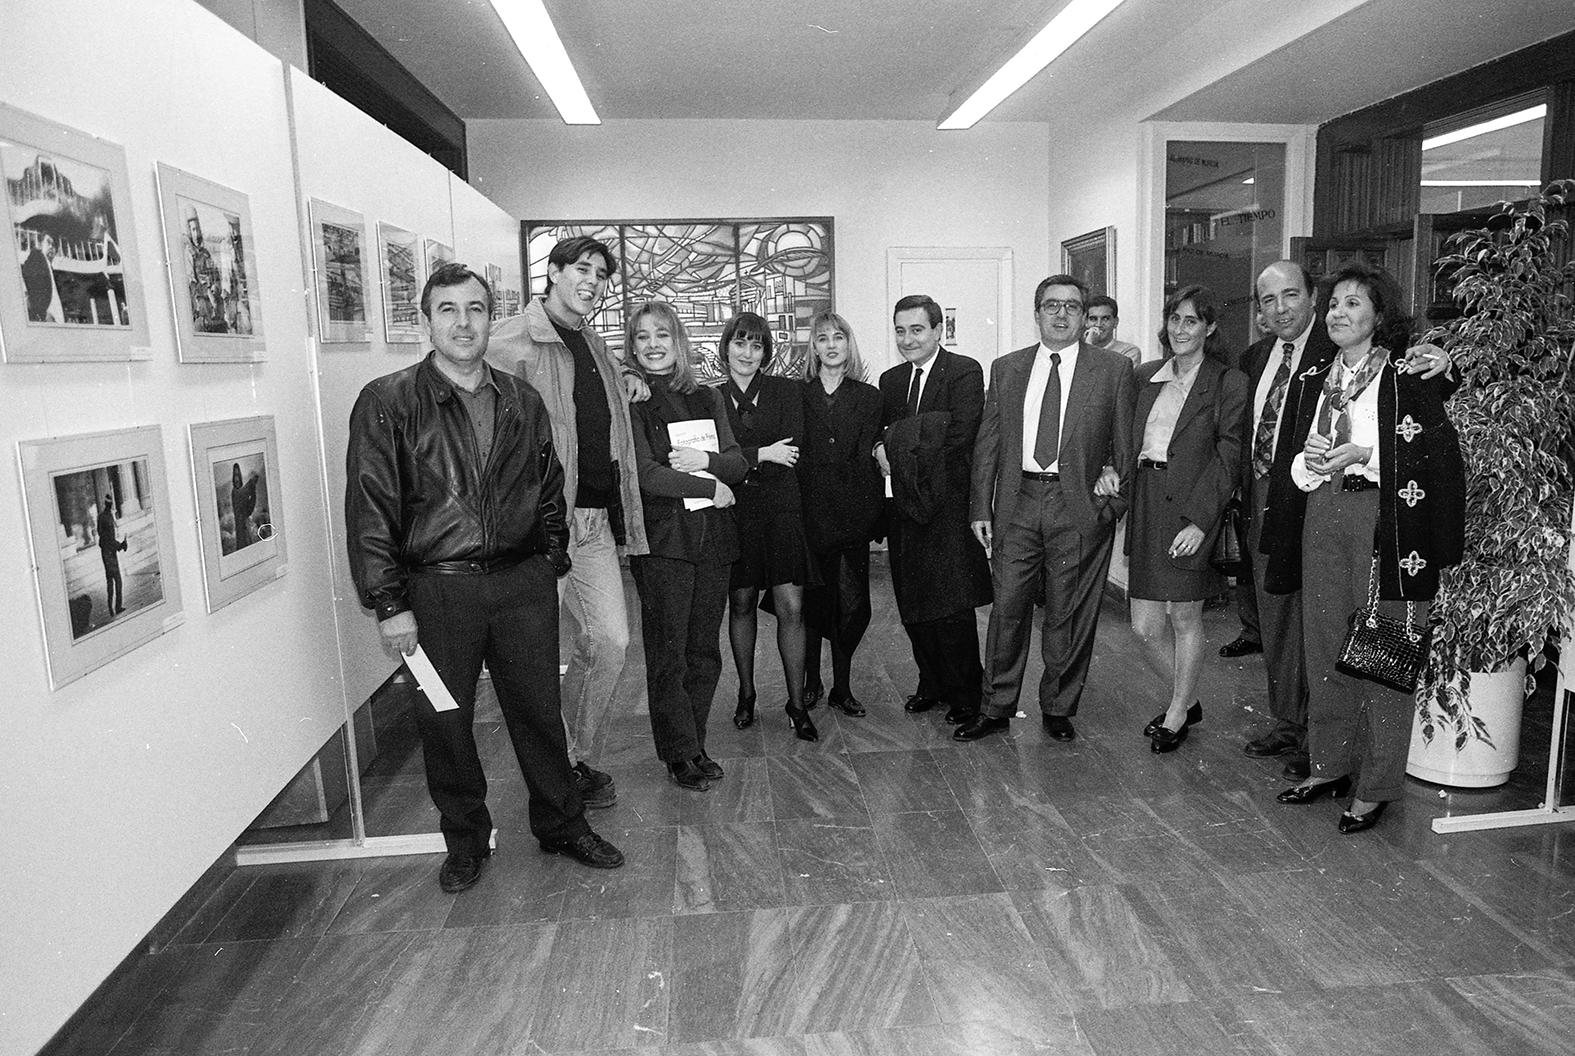 Murcia, 28.01.1993.- Miembros de la Asociación de Informadores Gráficos de Prensa de Murcia durante la inauguración de su exposición anual, retrospectiva de 1992, celebrada en el Club de Prensa de la Asociación de la Prensa de Murcia.